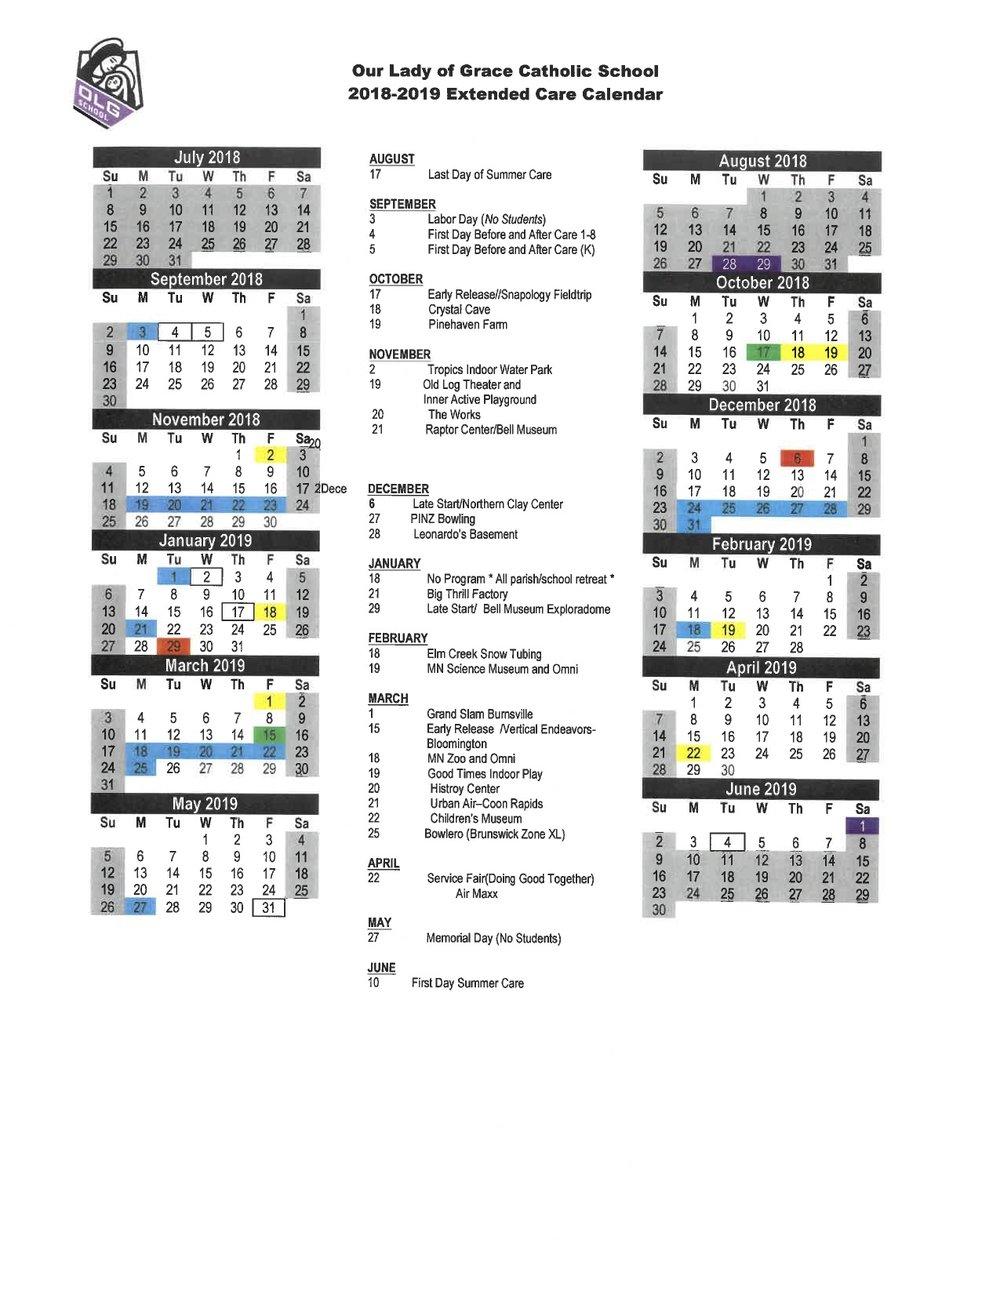 2018 2019 extended care calendarjpg